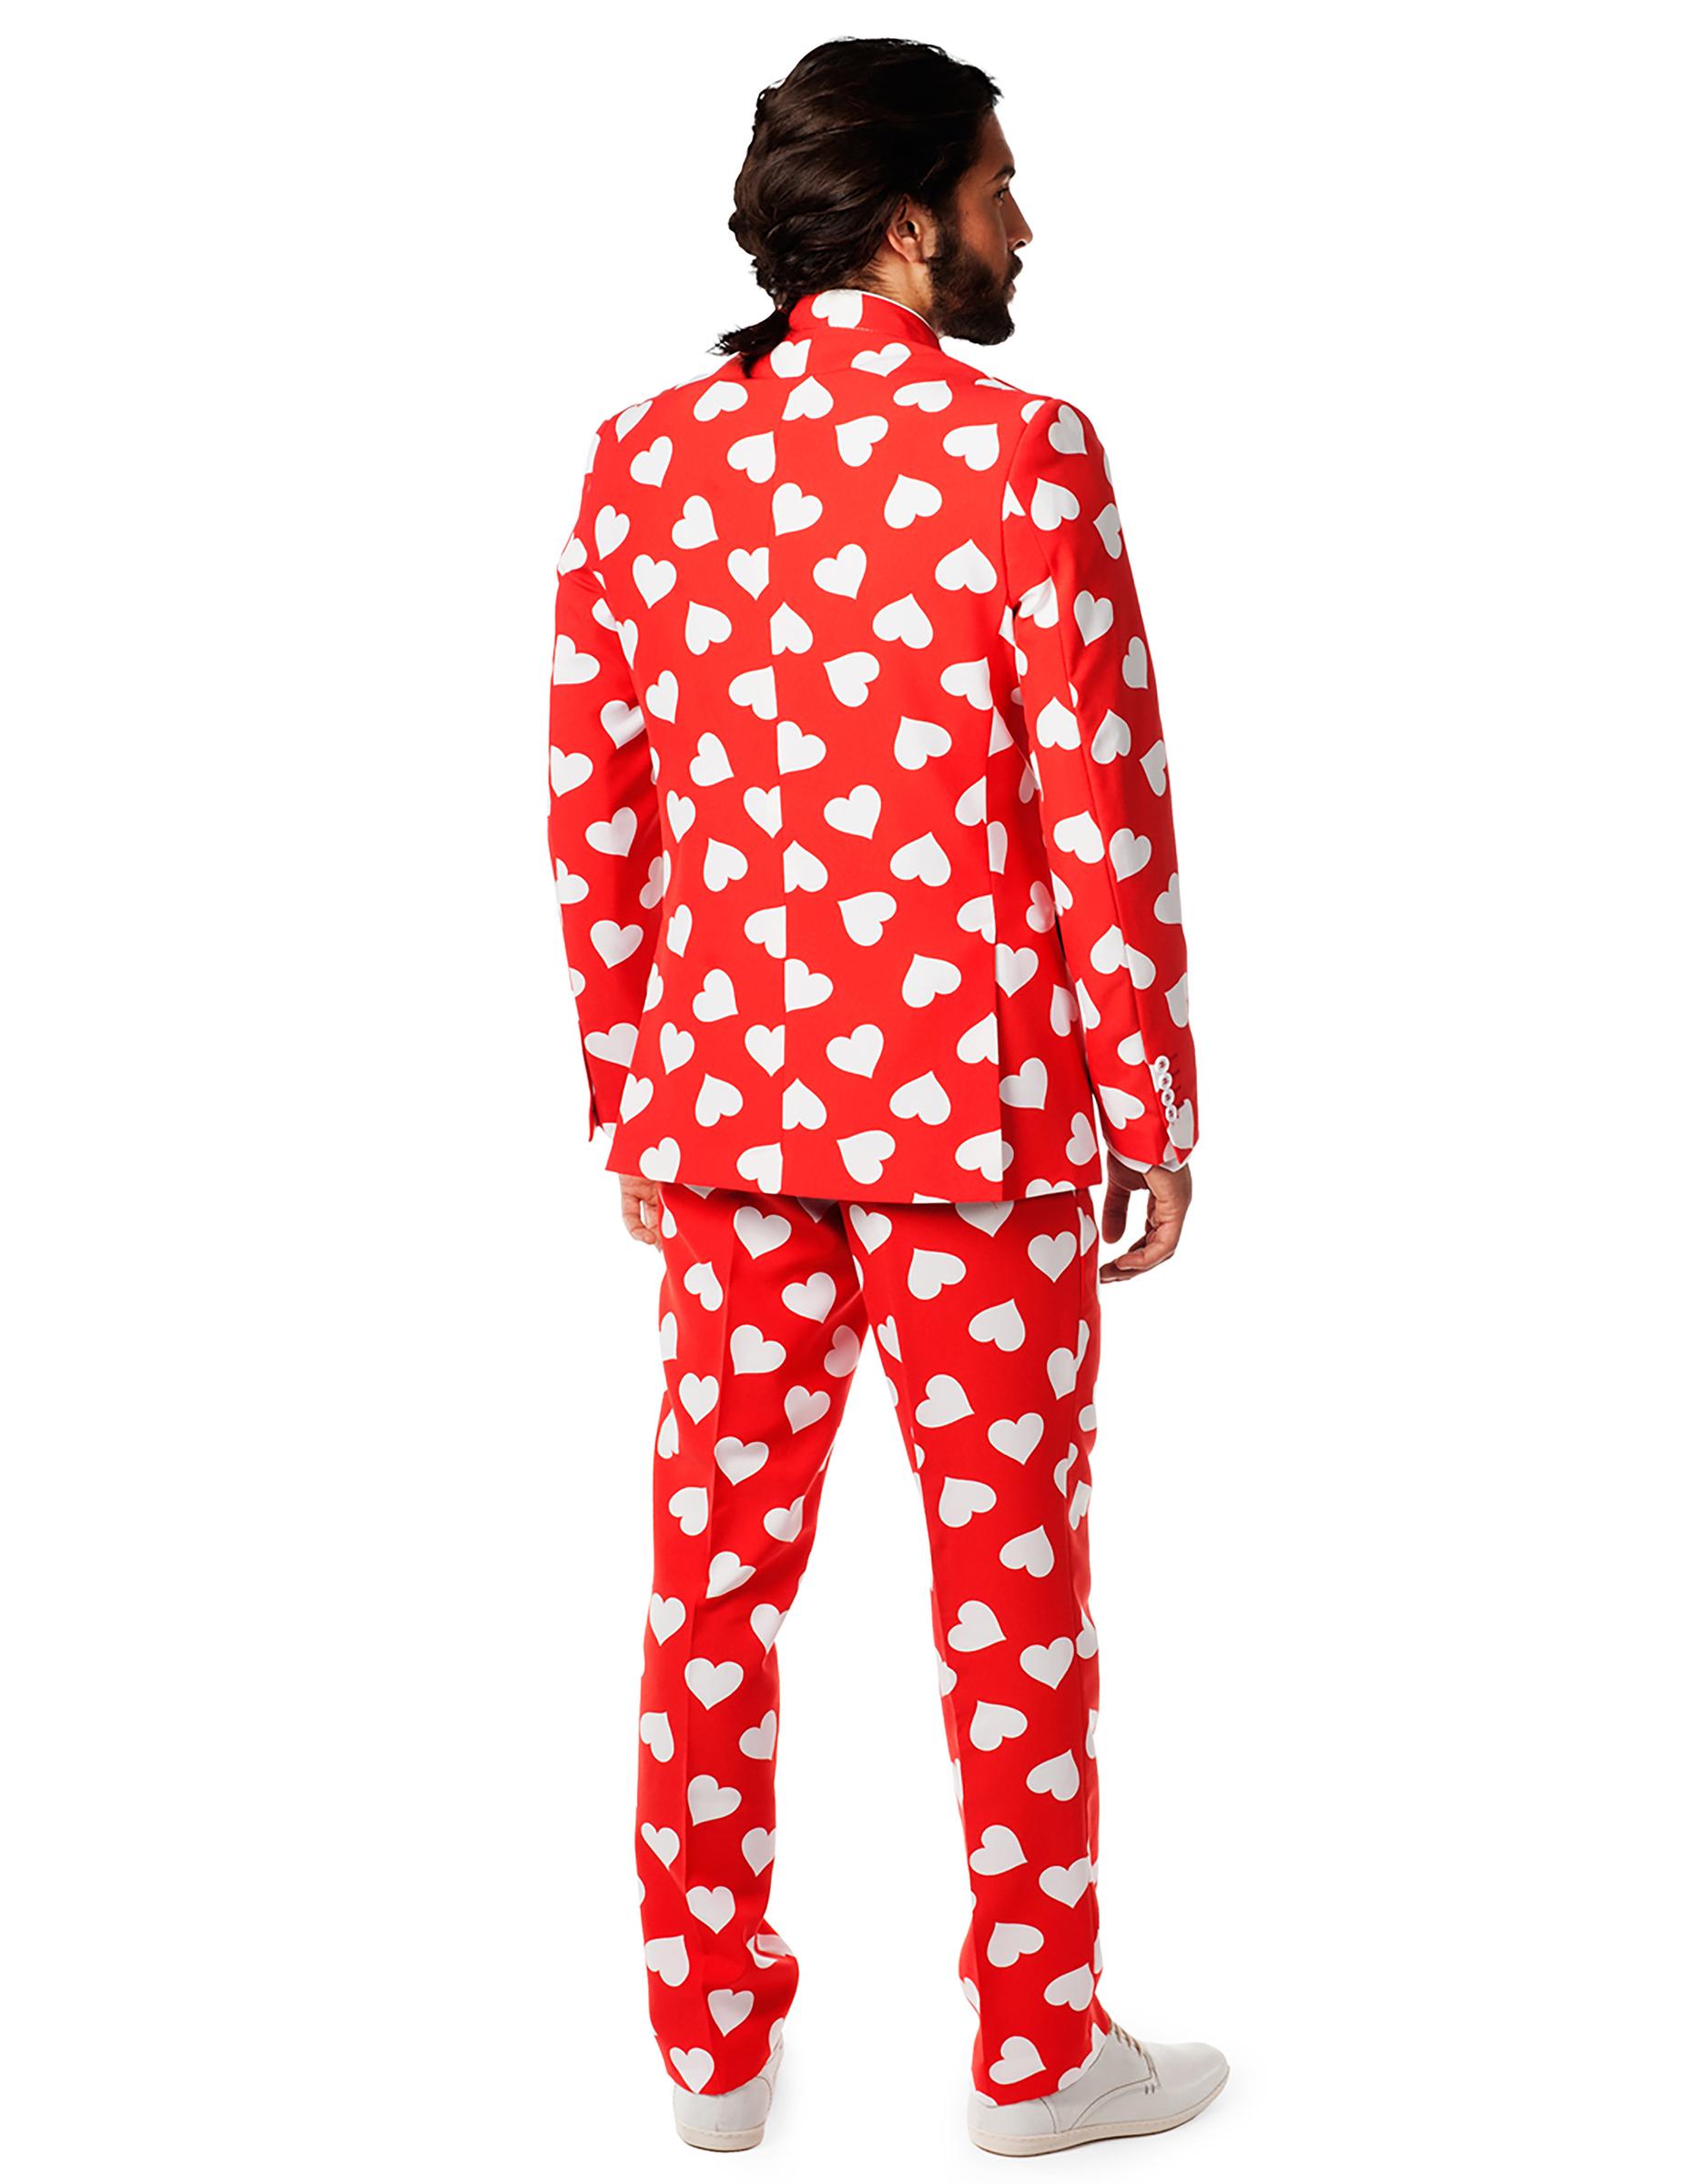 costume mr saint valentin homme opposuits deguise toi achat de d guisements adultes. Black Bedroom Furniture Sets. Home Design Ideas